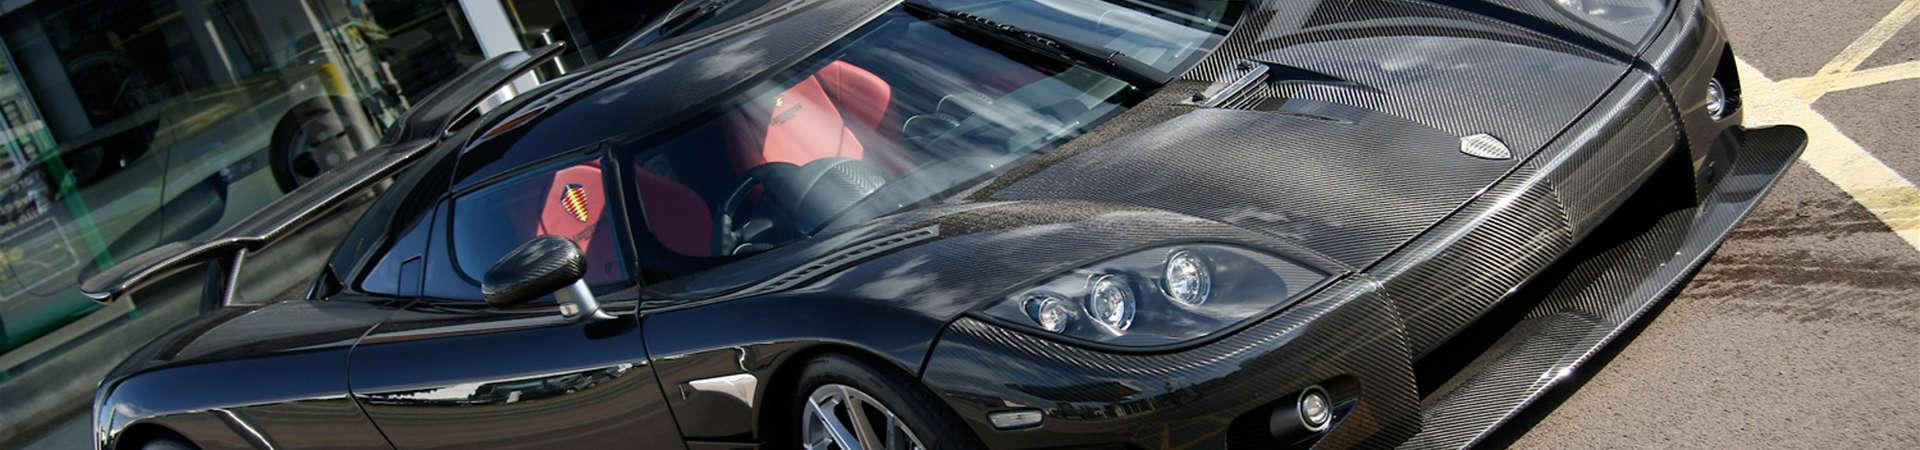 car detail treatments